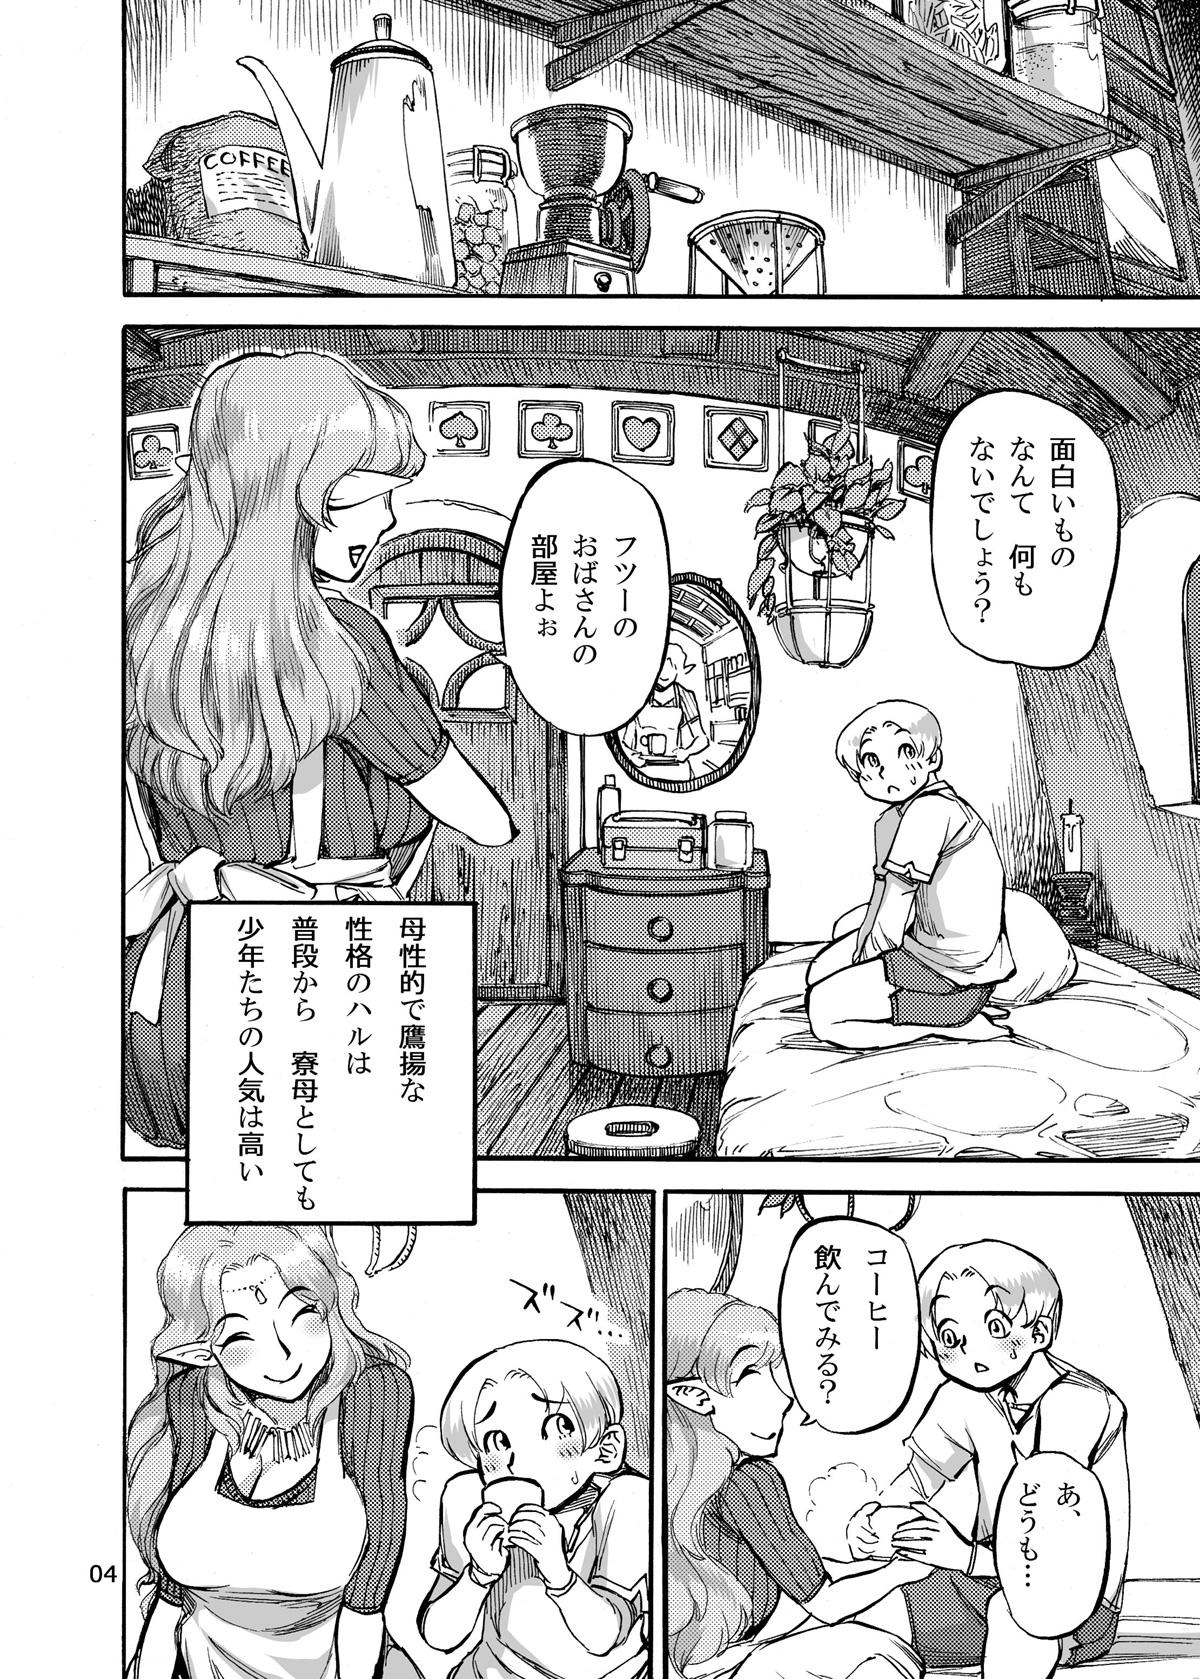 【エロ漫画・エロ同人】寮母のおばさんに精通の面倒をみてもらって最強の快楽を教えてもらうショタ寮生たちwwwww (5)